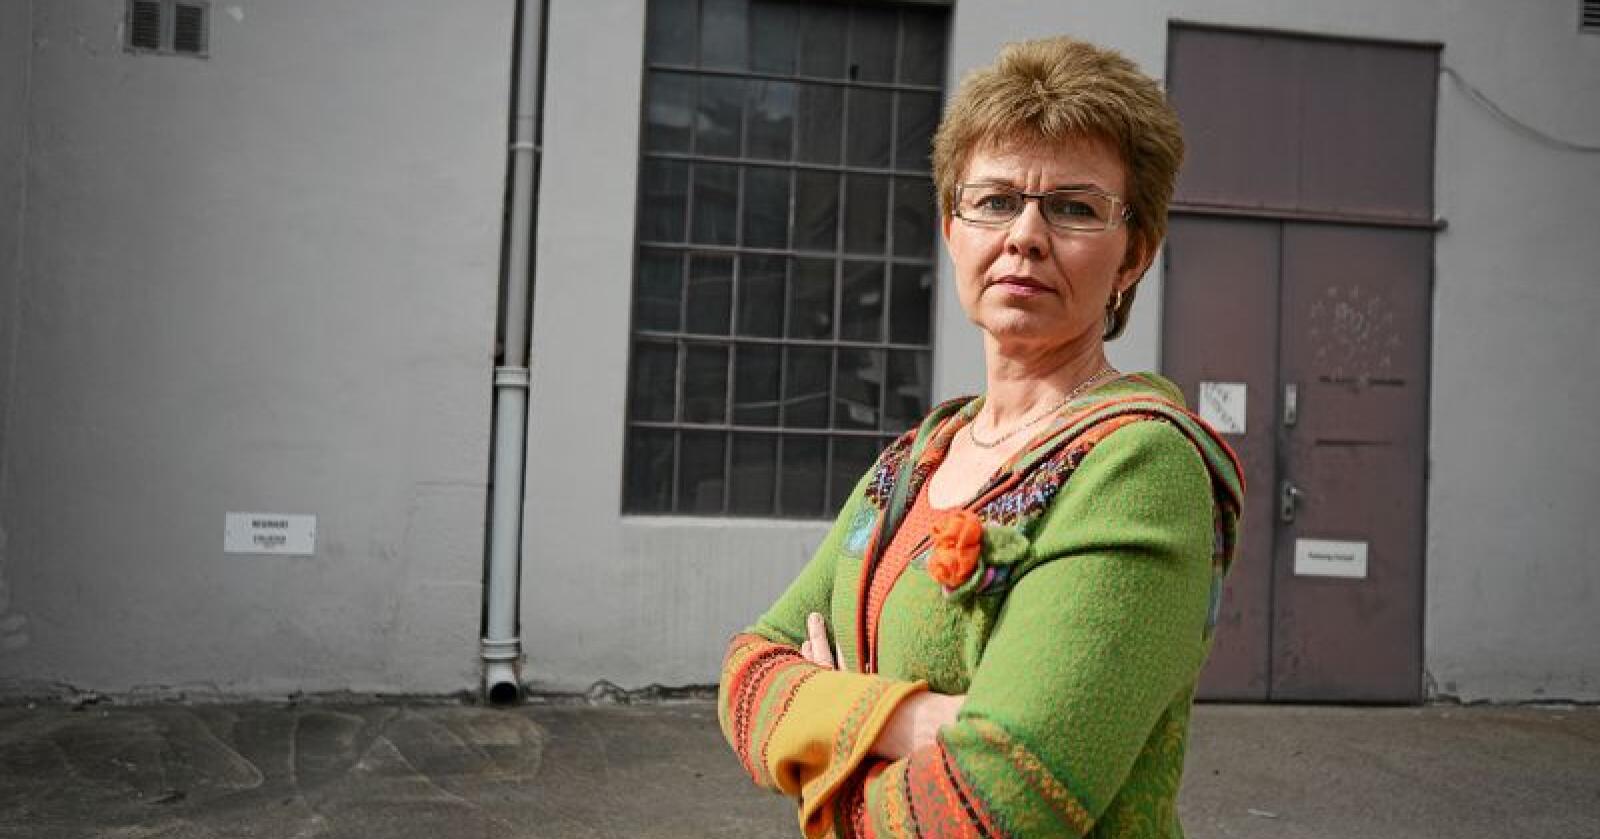 Kathrine Kleveland, leder i Nei til EU er klar for å møte i retten for å føre sak mot Acer-vedtak. Foto: Siri Juell Rasmussen